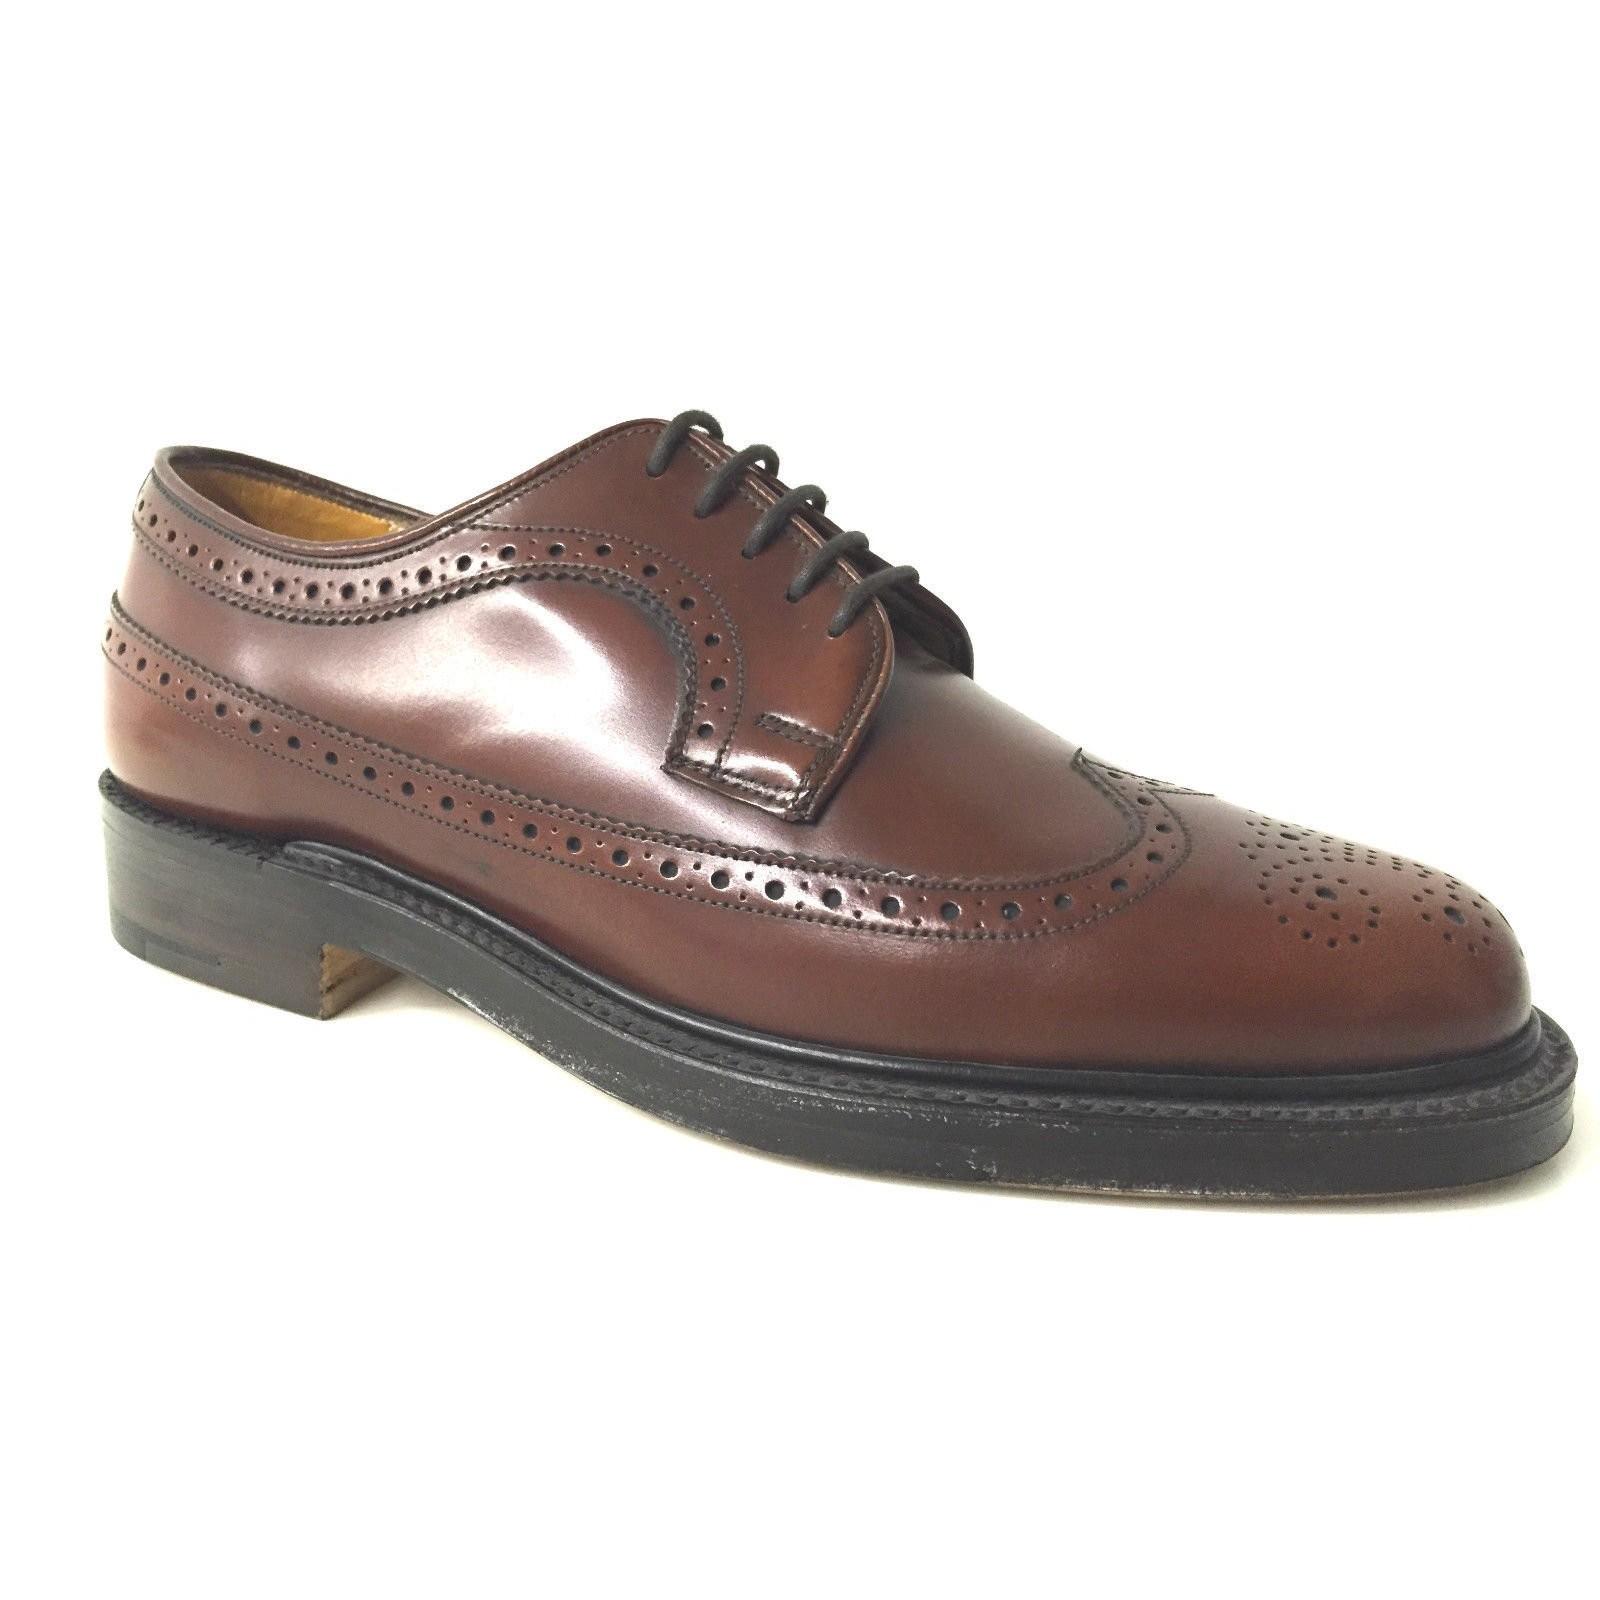 hot sale online c93ab a3b42 Dettagli su SCARPE UOMO GRENSON DERBY ALLACCIATO IN PELLE MARRONE COGNAC  FATTA A MANO Taglia scarpa 40it - 6UK